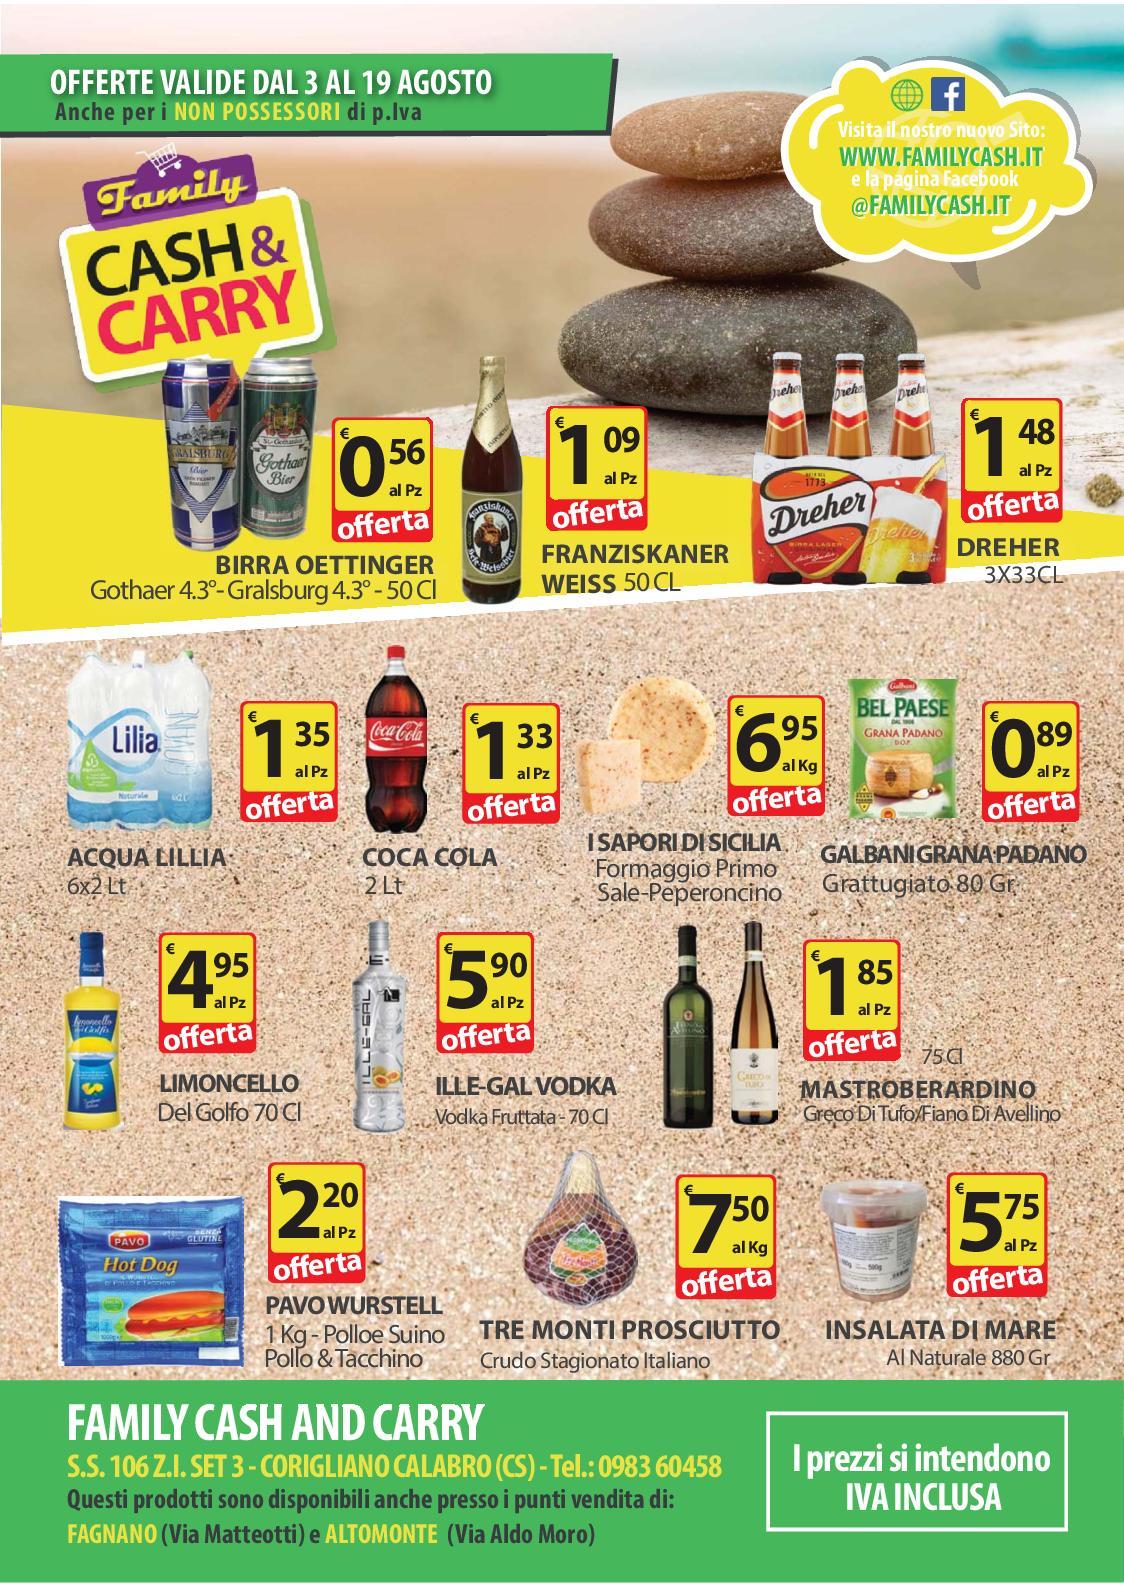 Calam o volantino family cash and carry n 23 agosto 2018 for Volantino acqua e sapone sicilia